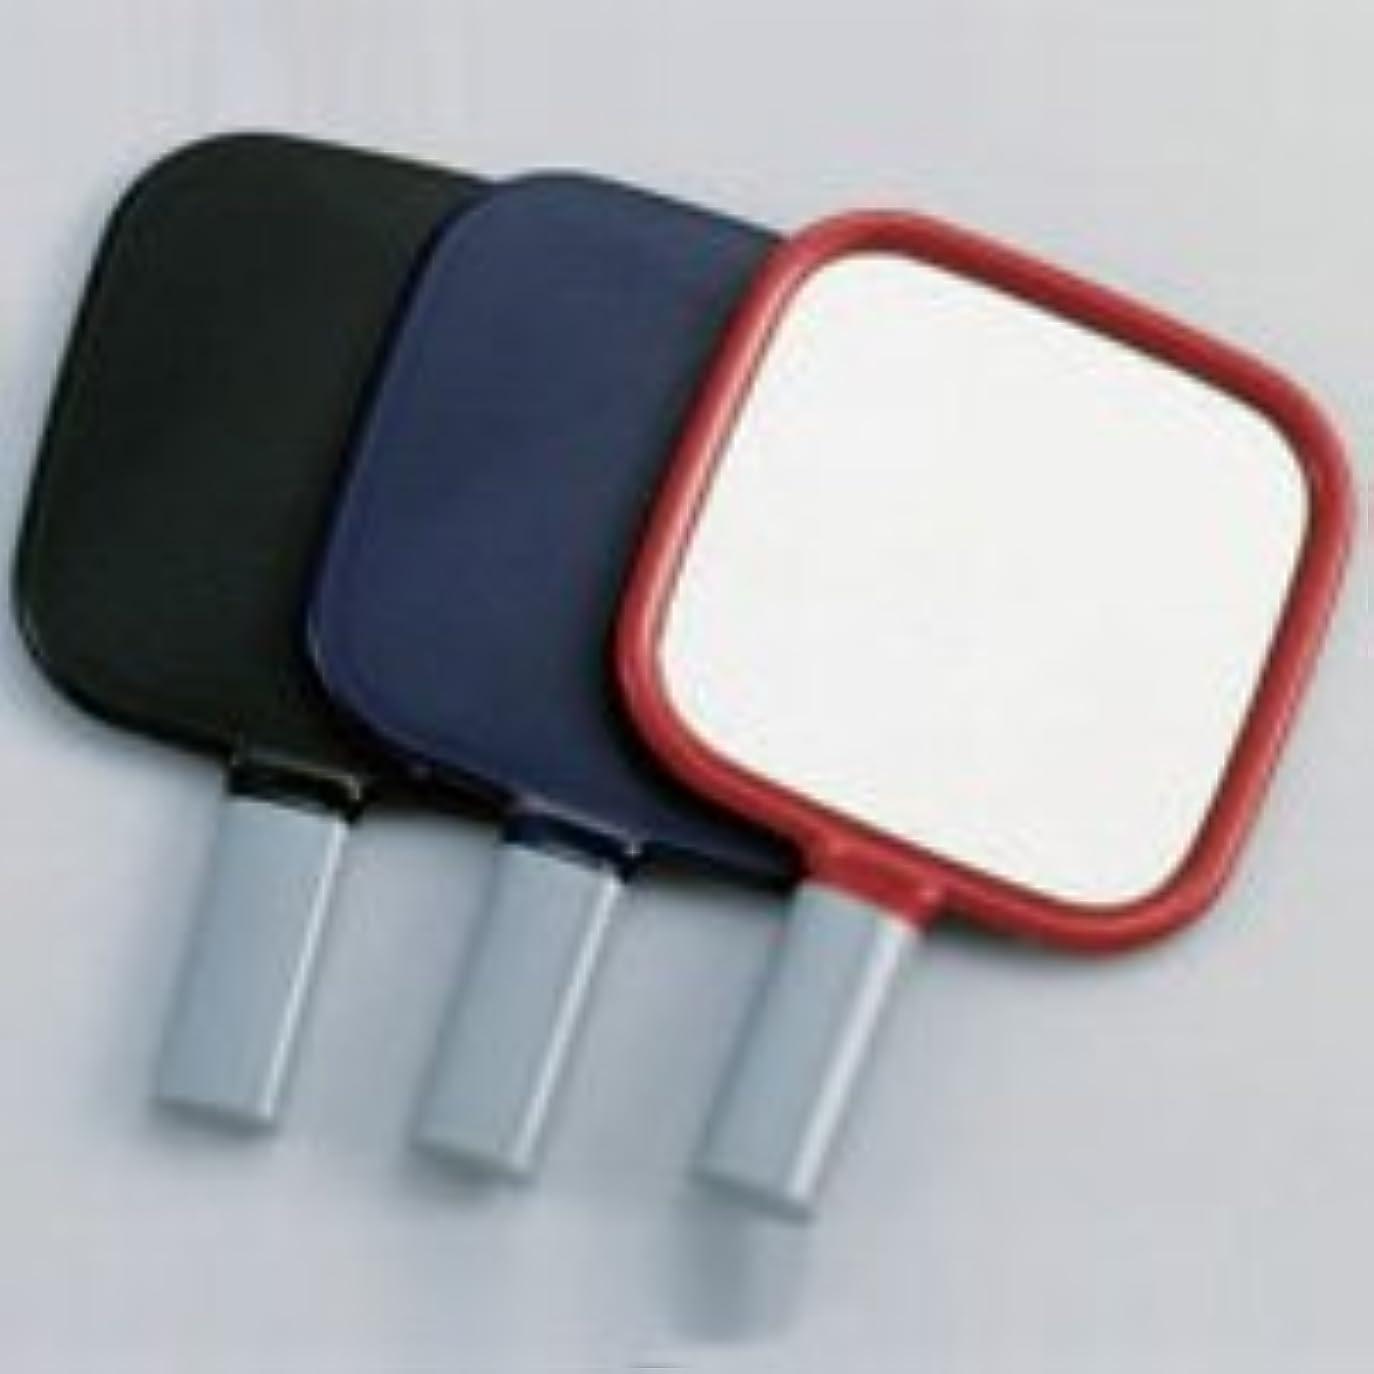 確保するアコー不完全なハンドミラー レディ 角型 ハンド L M-06 【※このページは「ローズ」のみの販売です】ローズ